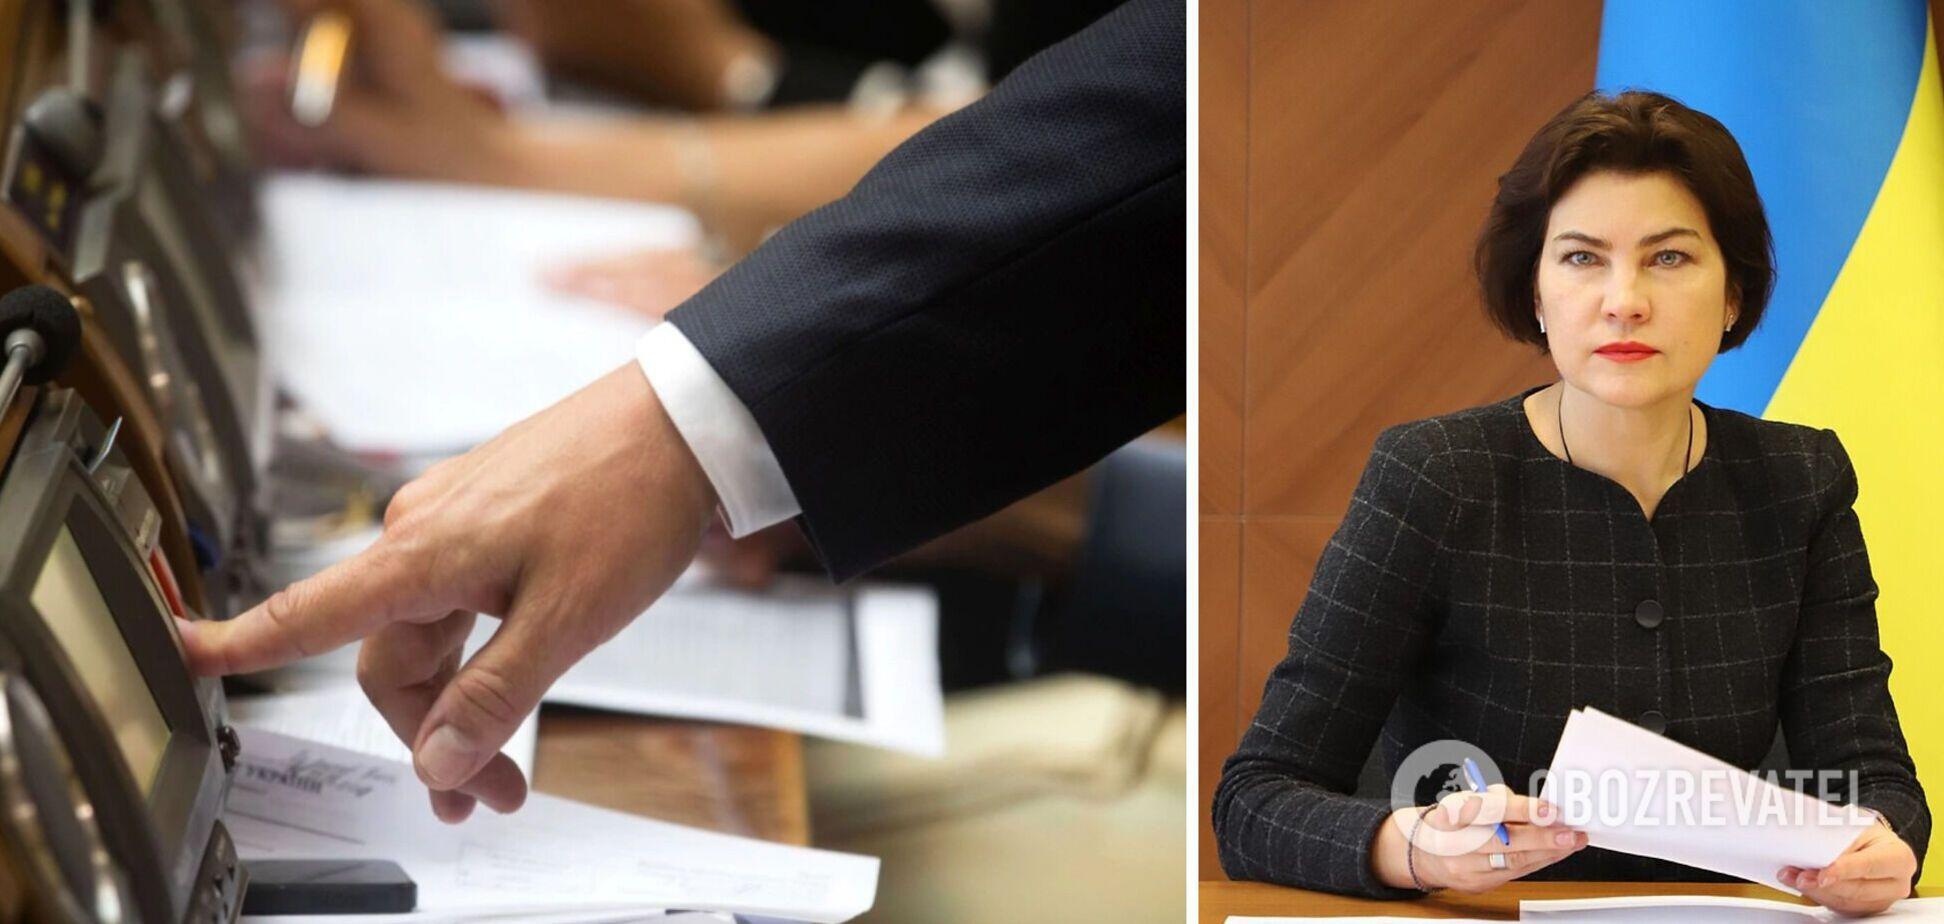 Генпрокурор Ирина Венедиктова сообщила о первом подозрении нардепу в кнопкодавстве